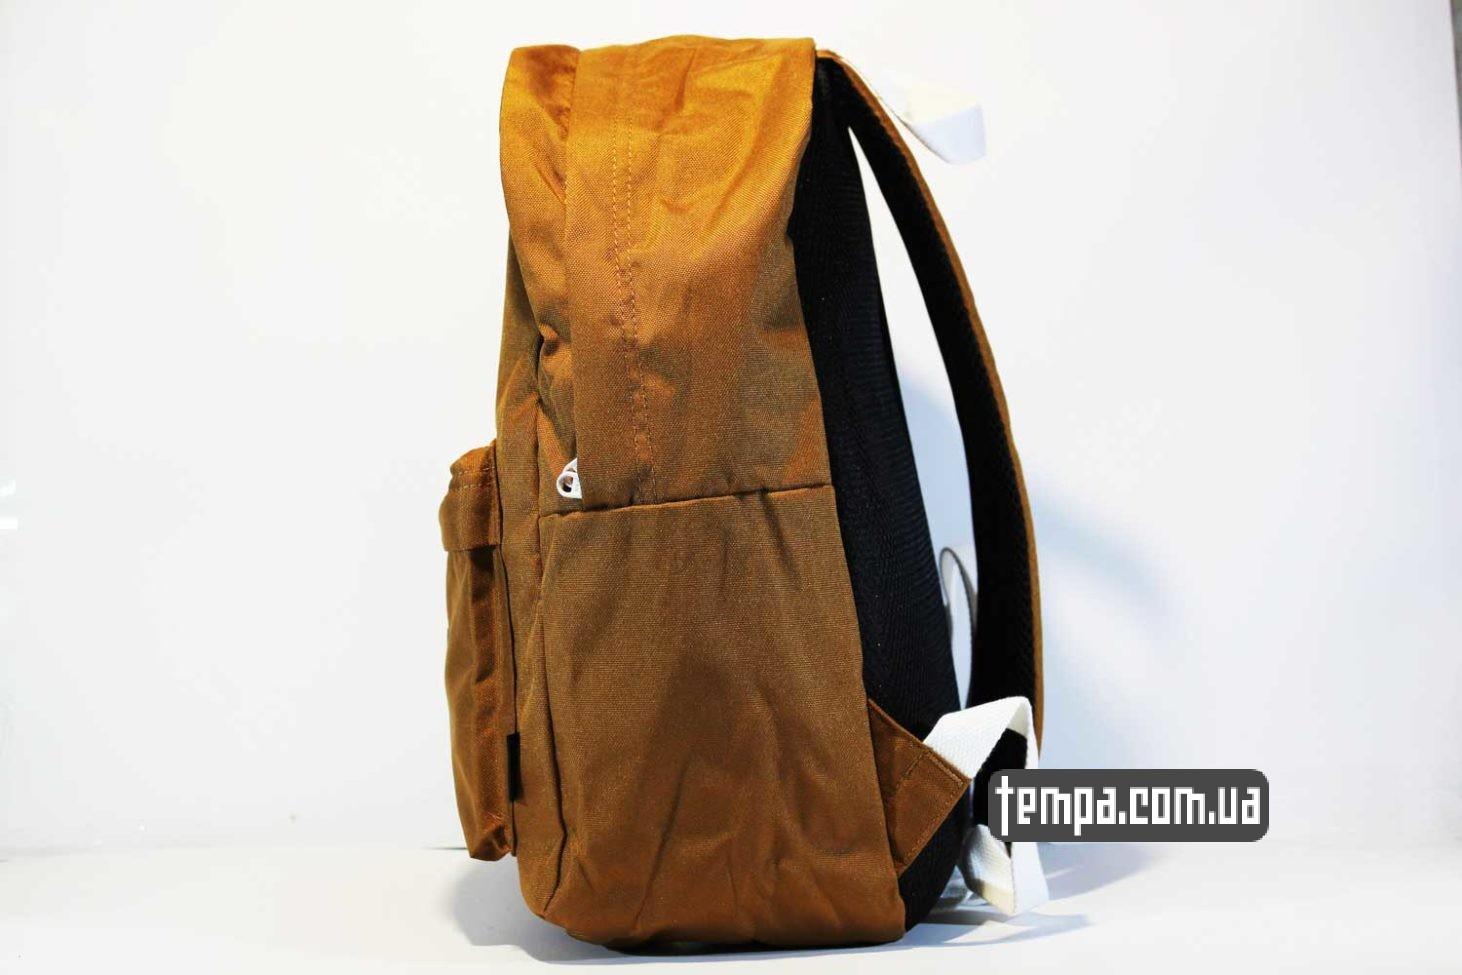 портфель рюкзак Carhartt коричневый купить оригинал bagpack кархартт